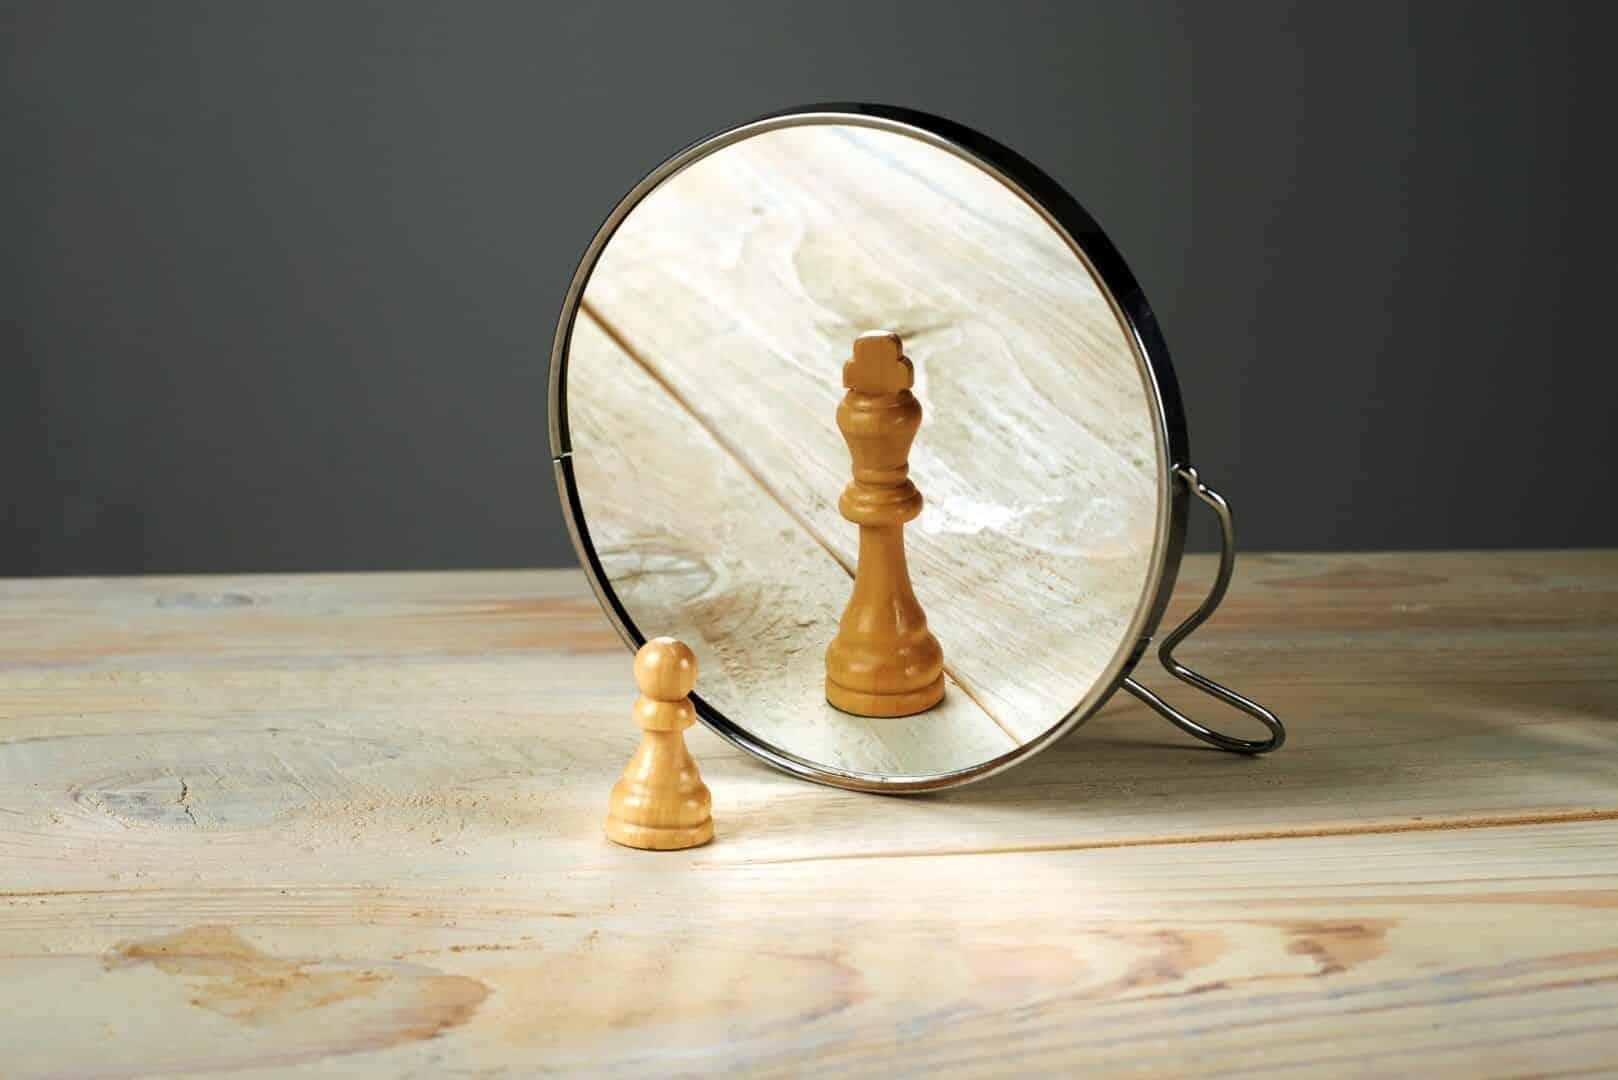 Ego - o que é e como afeta a personalidade e o comportamento humano